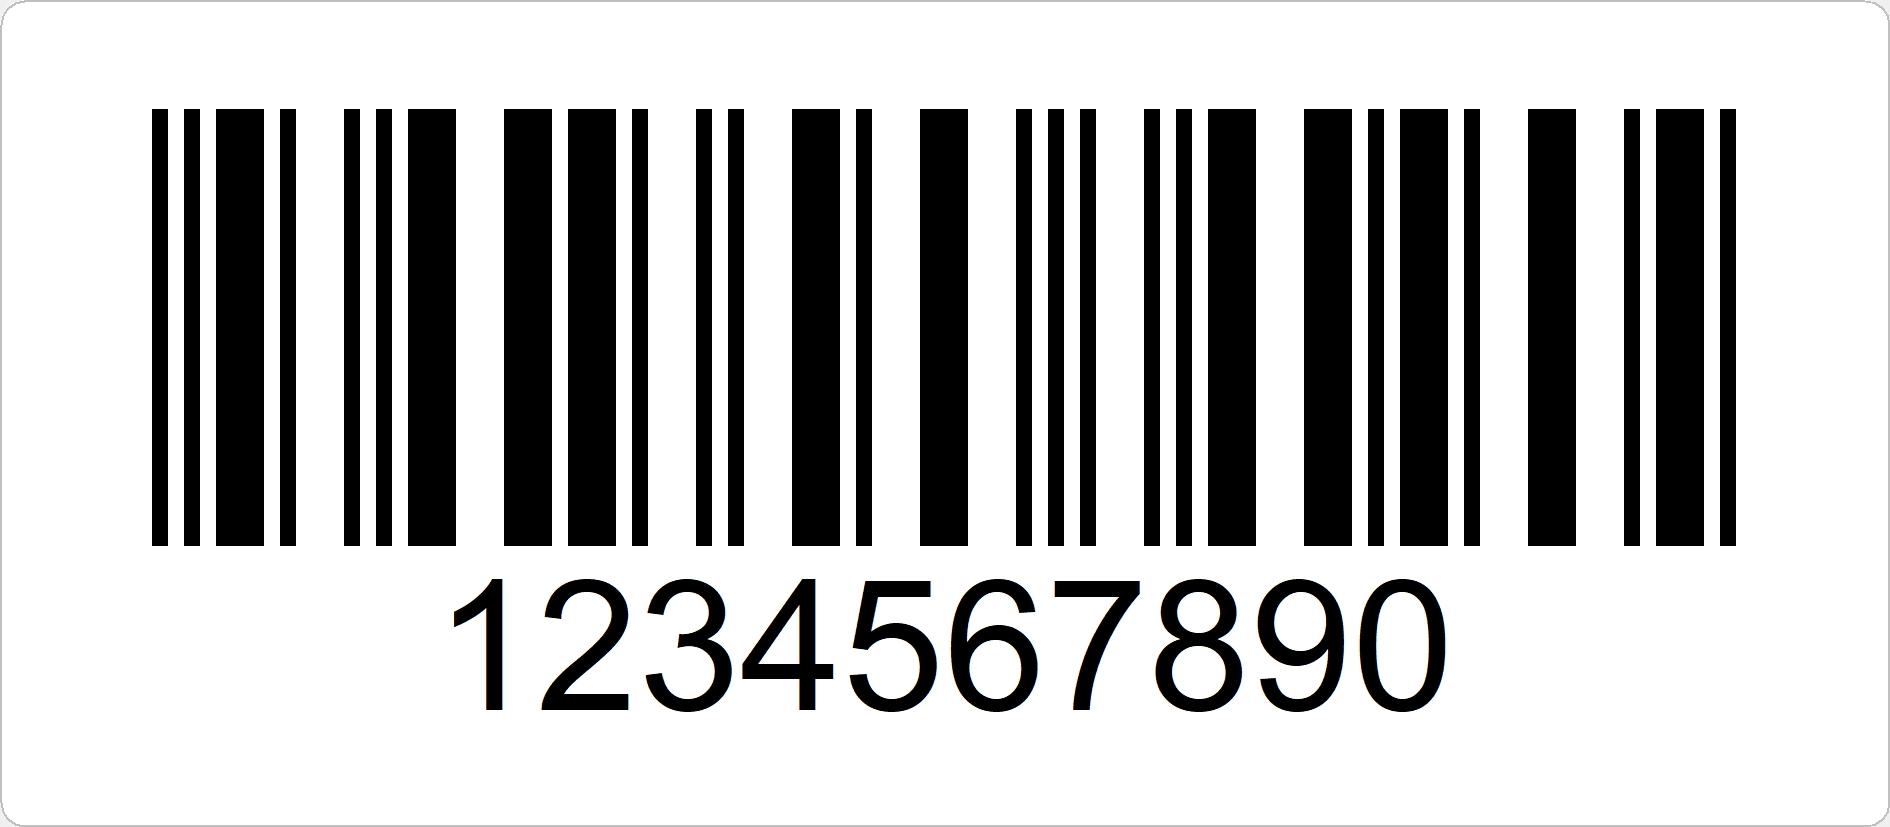 Interleaved 2of5 ist ein numerischer Barcode